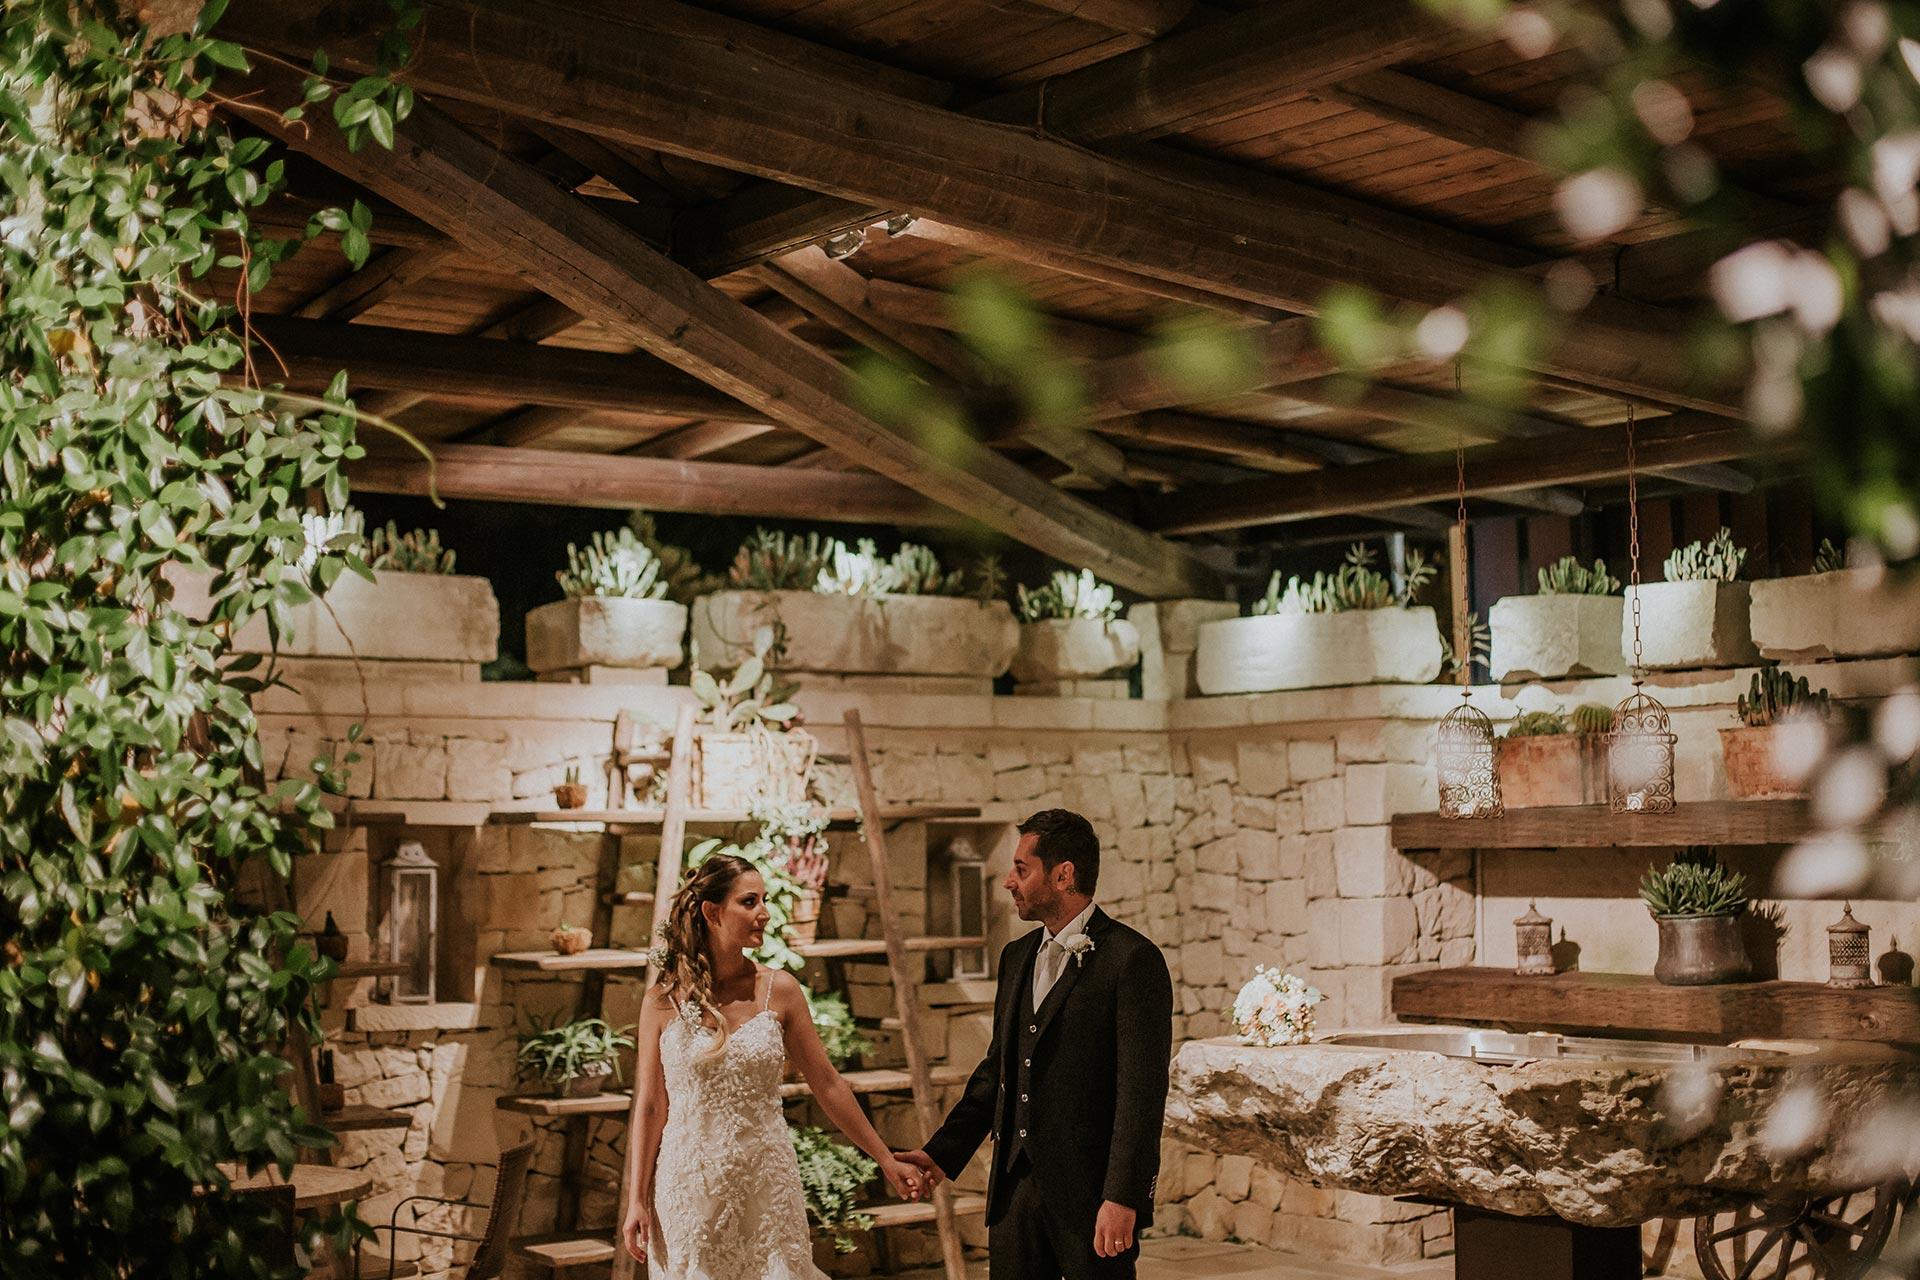 Matrimonio Natalizio Puglia : Ricevimento matrimonio a lecce location torre del parco